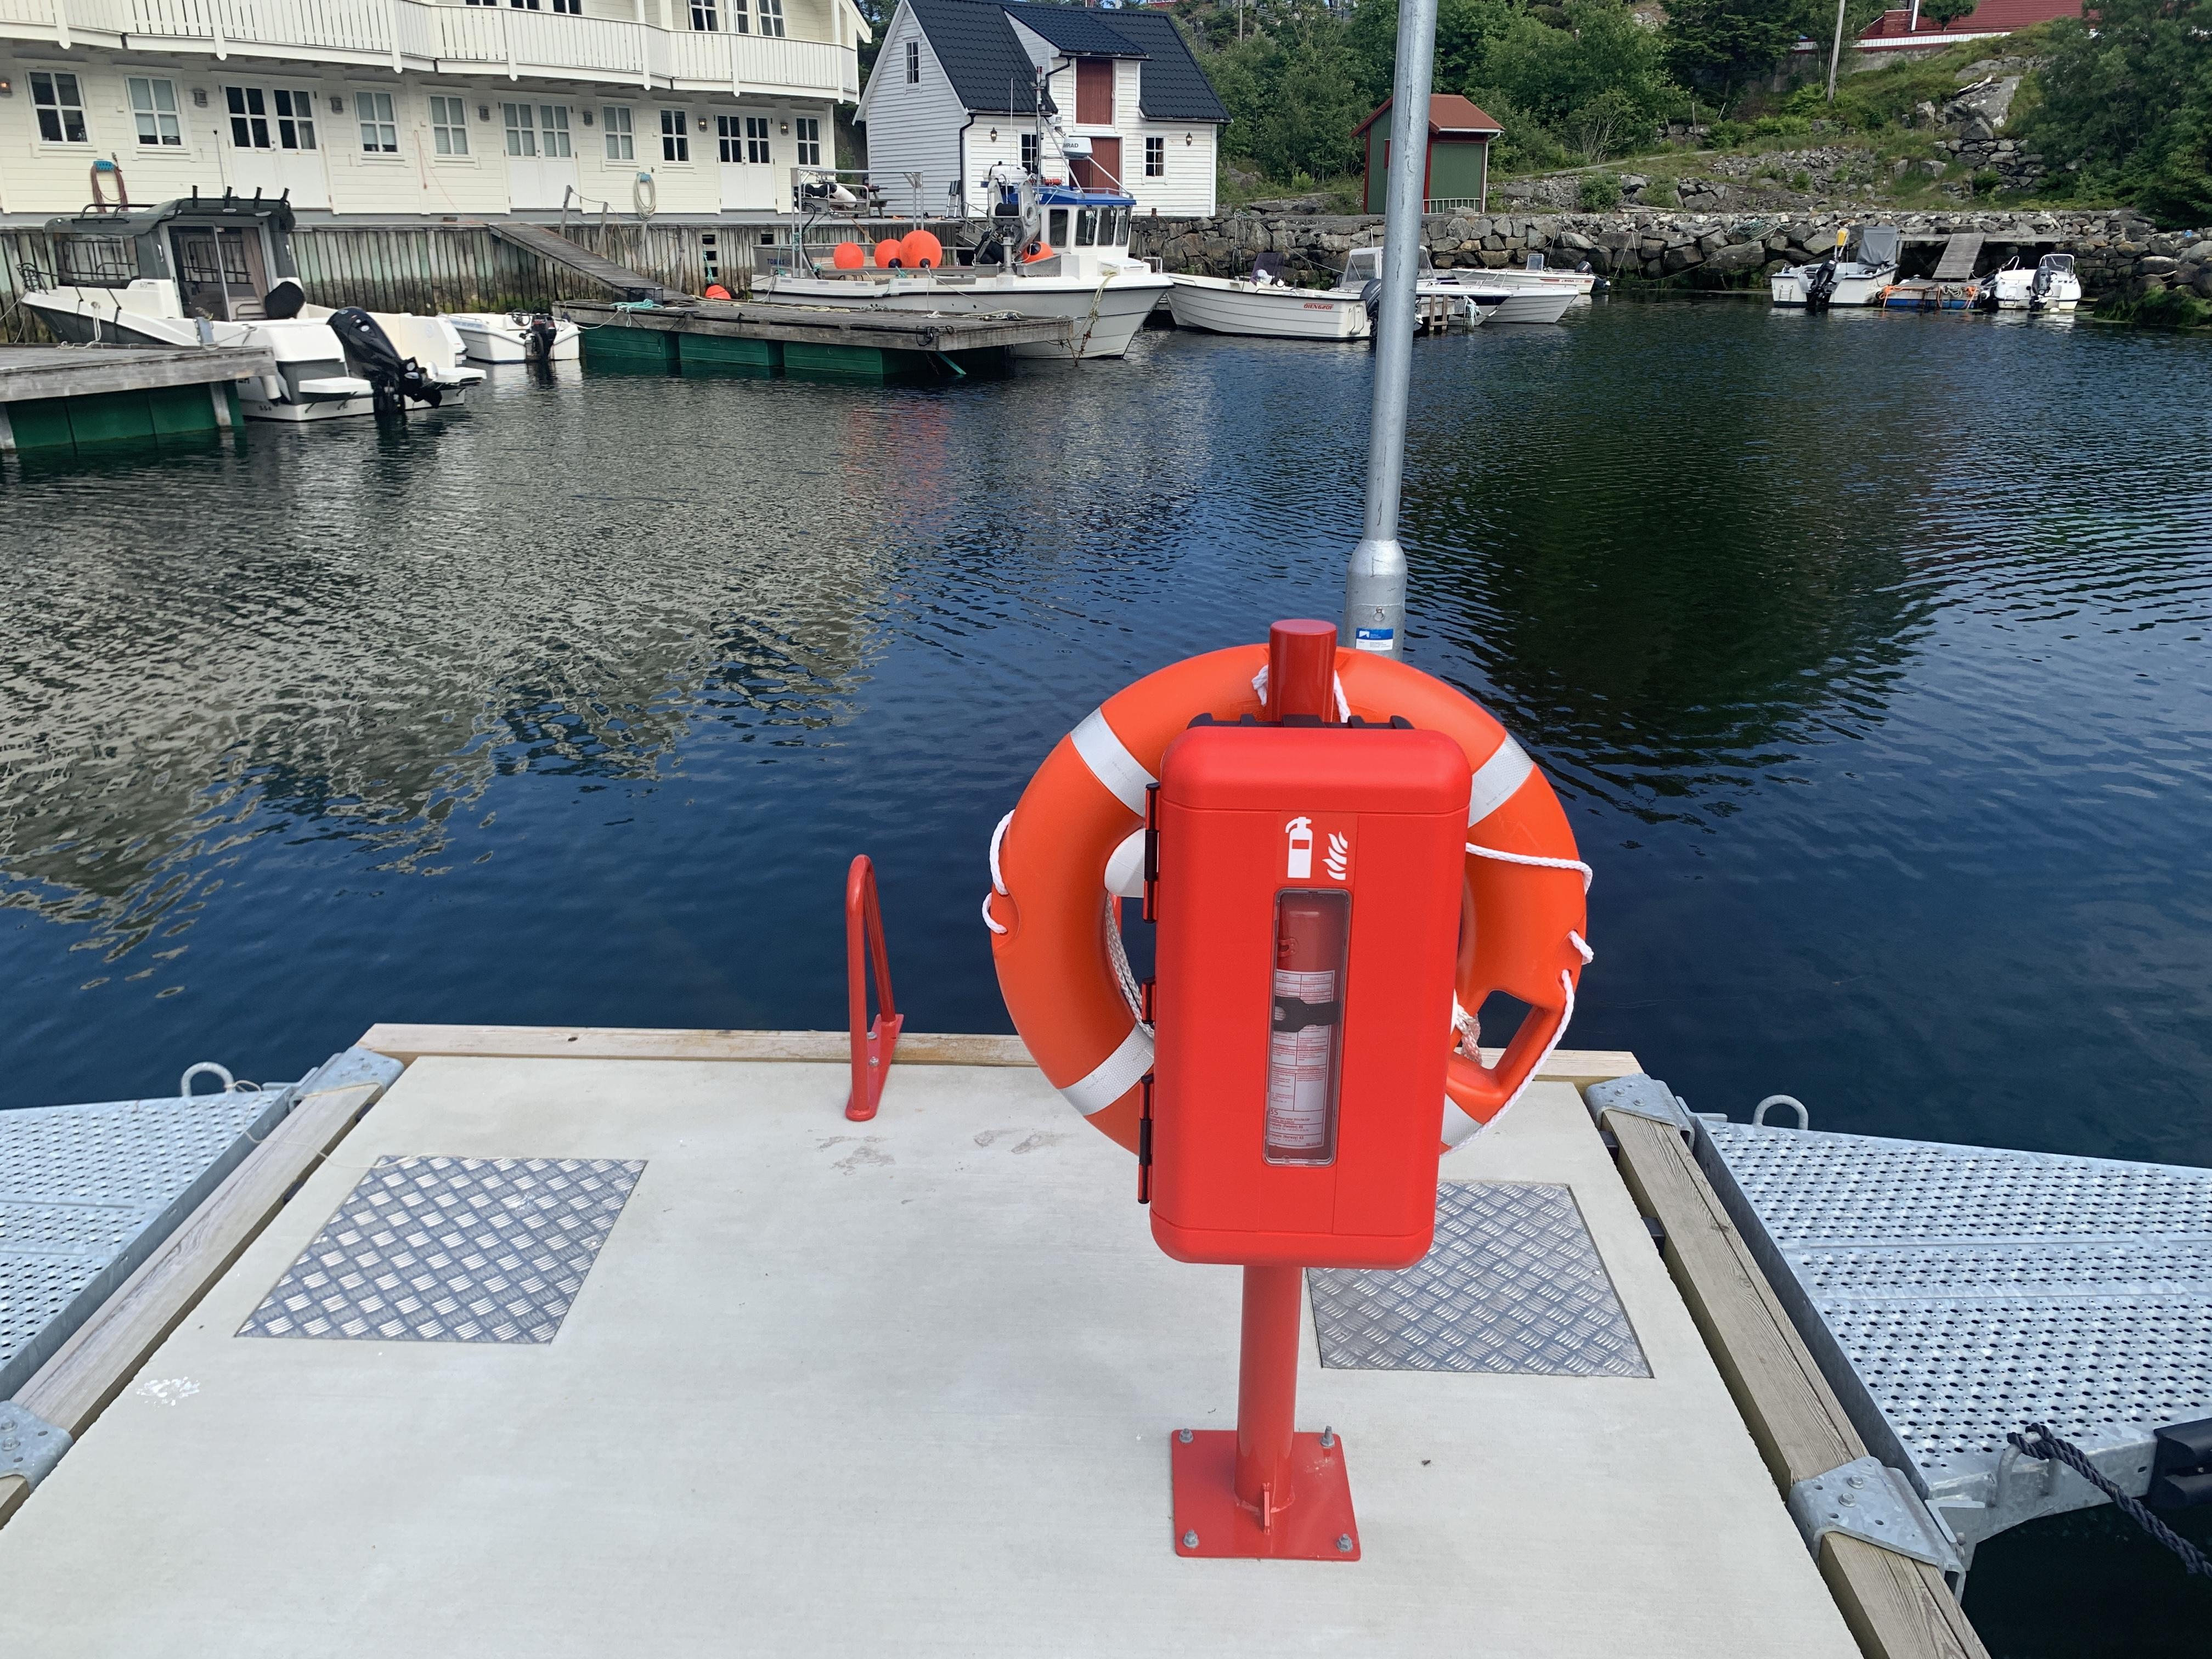 https://marinasolutions.no/uploads/Rabben-båtlag_-Marina-levert-av-Marina-Solutions_Etnebrygga-7.JPG